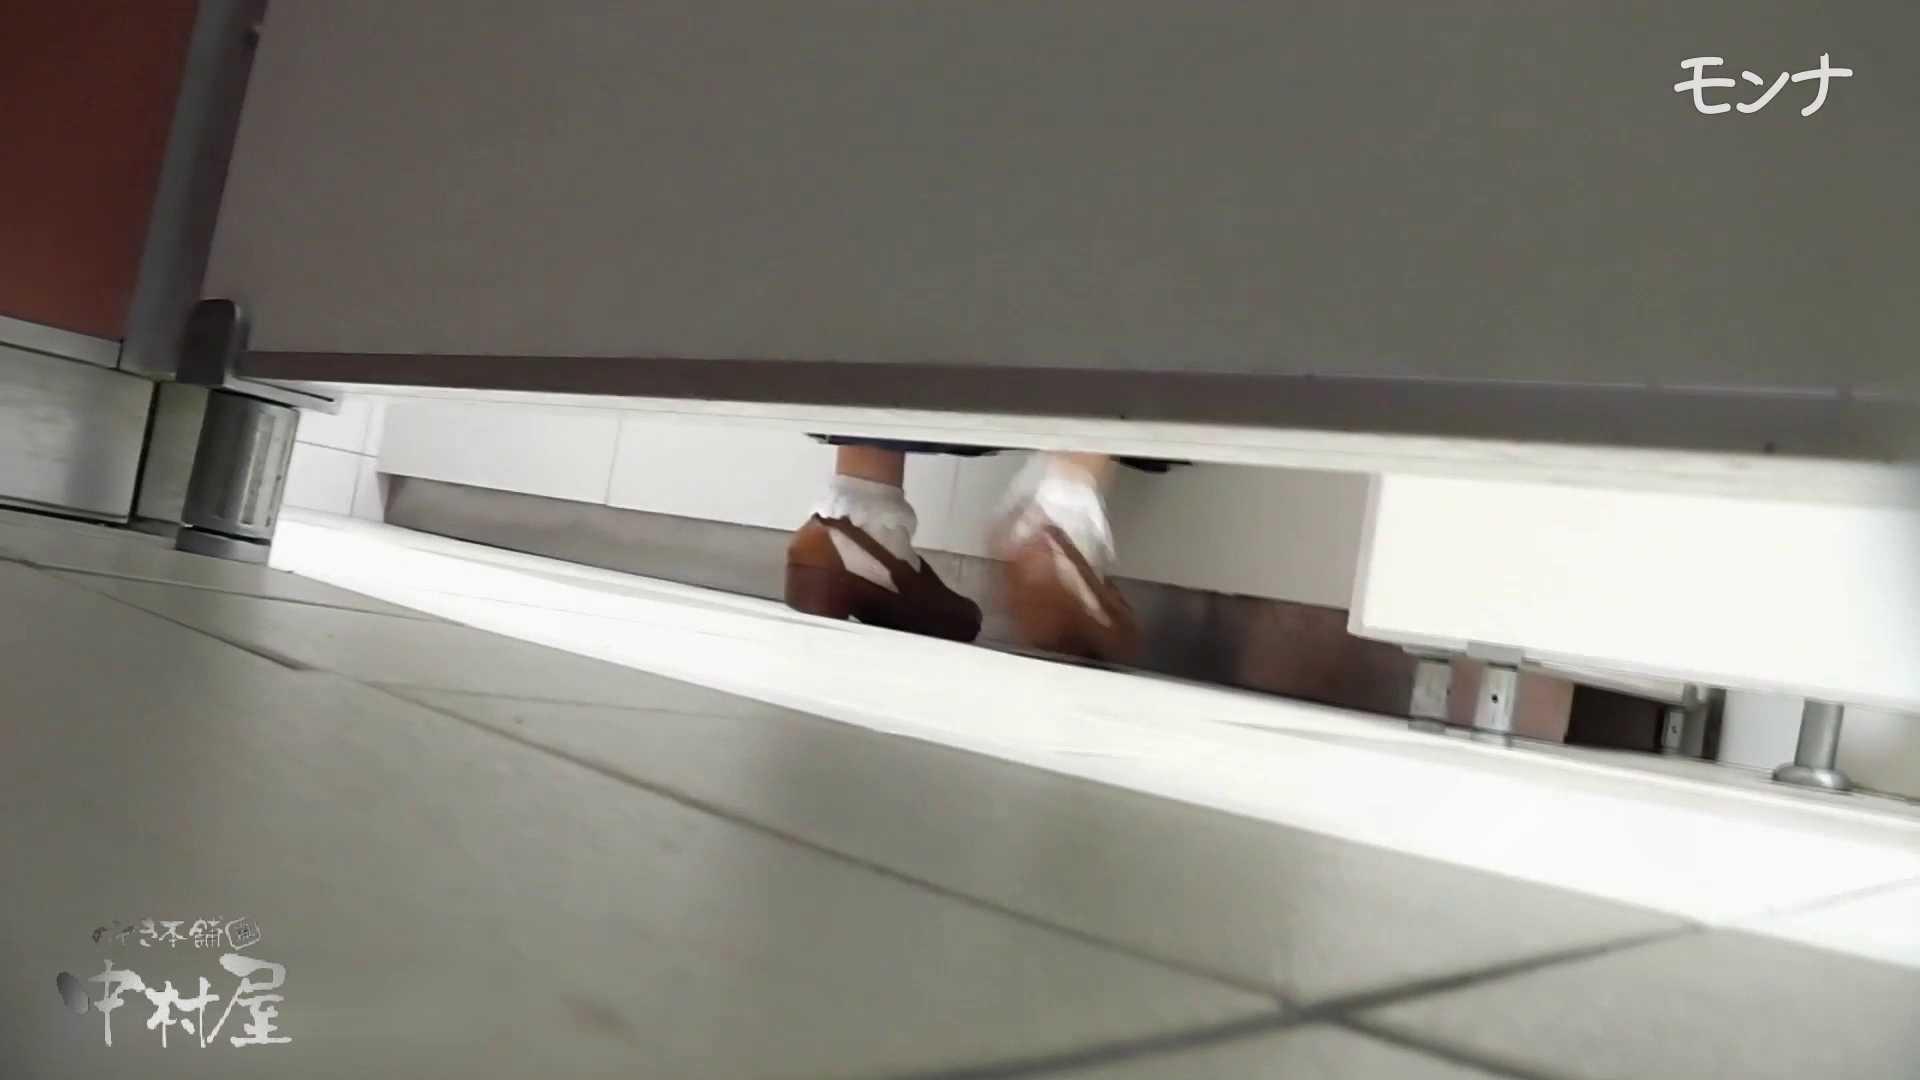 美しい日本の未来 No.55 普通の子たちの日常調長身あり マンコ・ムレムレ 盗撮動画紹介 72pic 28